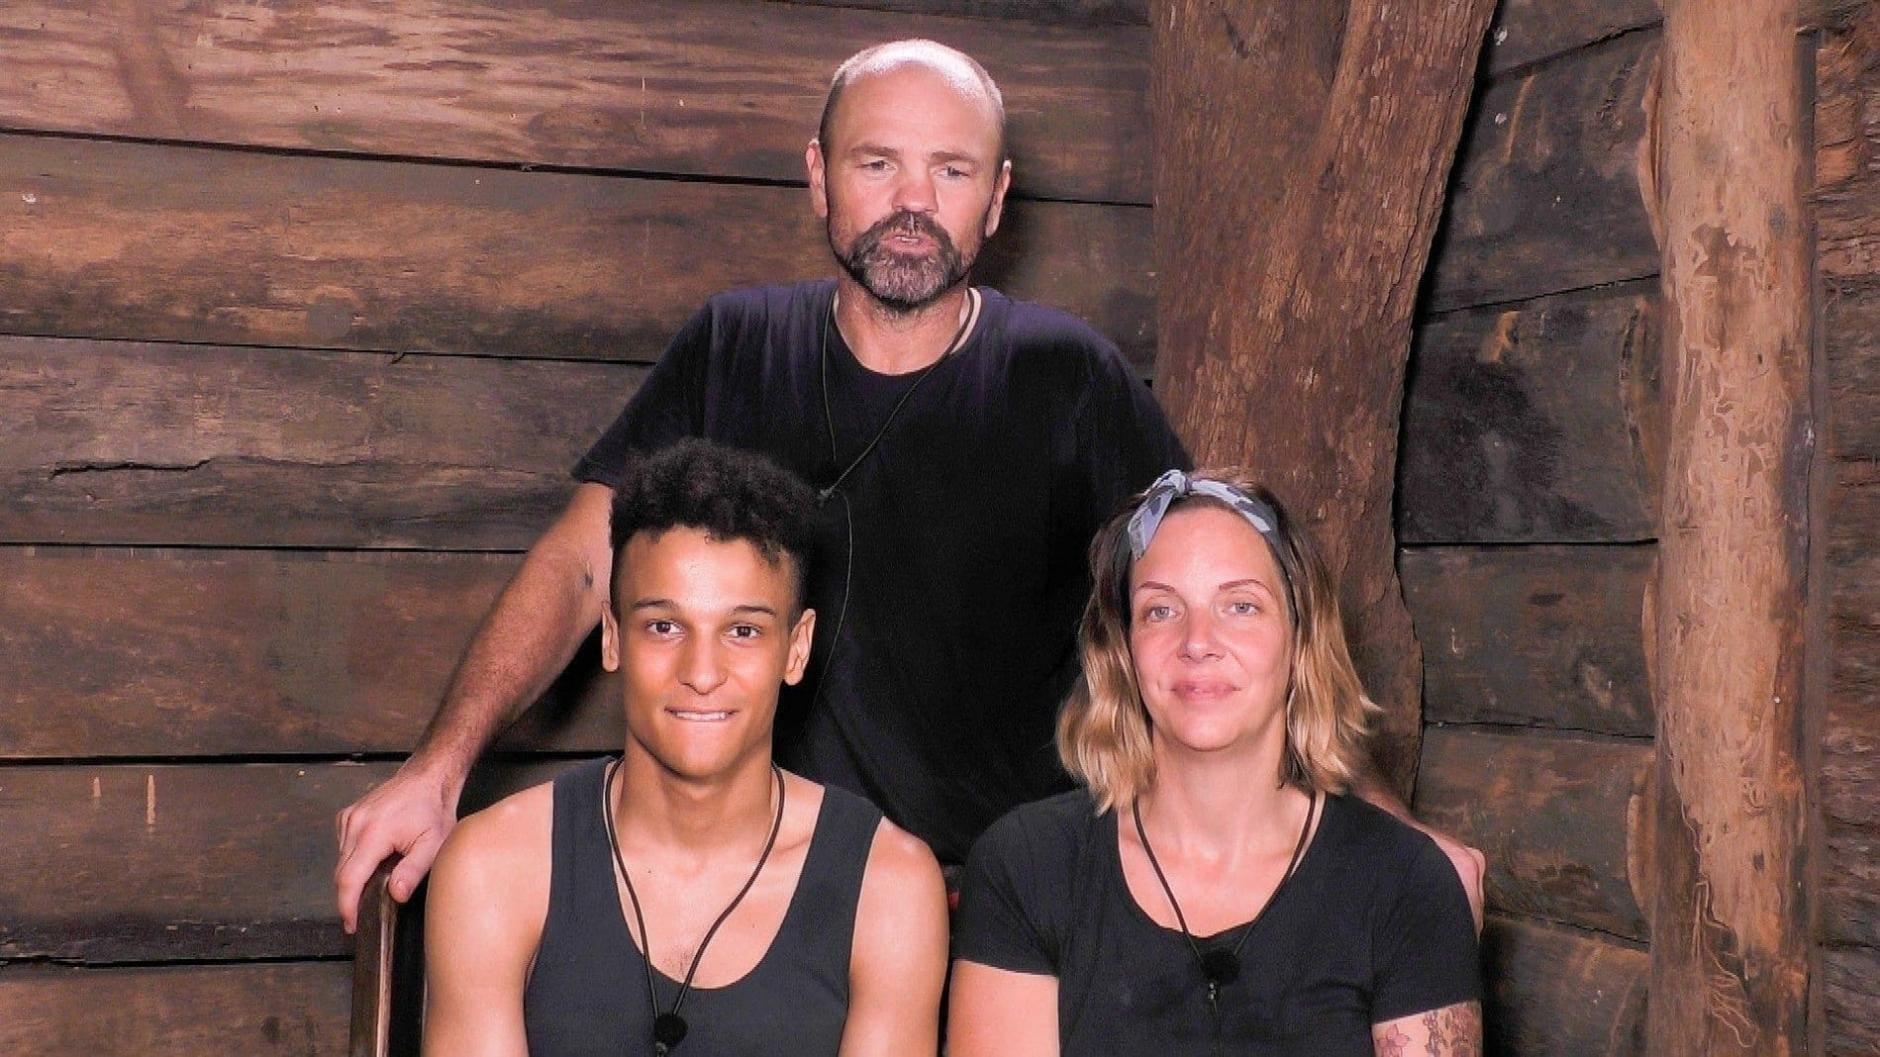 Dschungelcamp 2020 Finale Abendmal